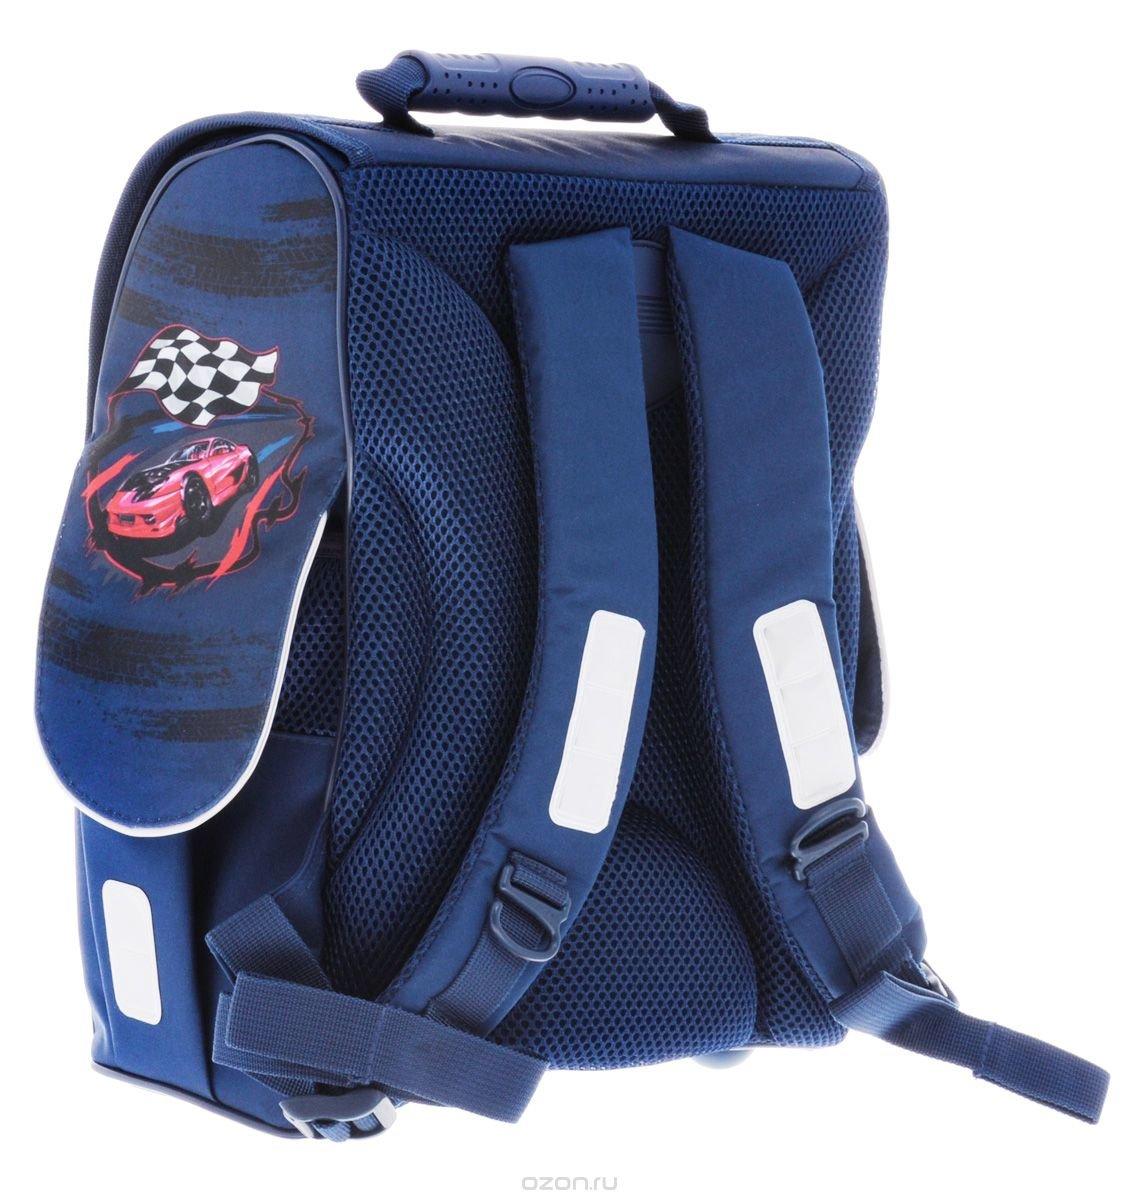 Лучший ранец для первоклассника ортопедический